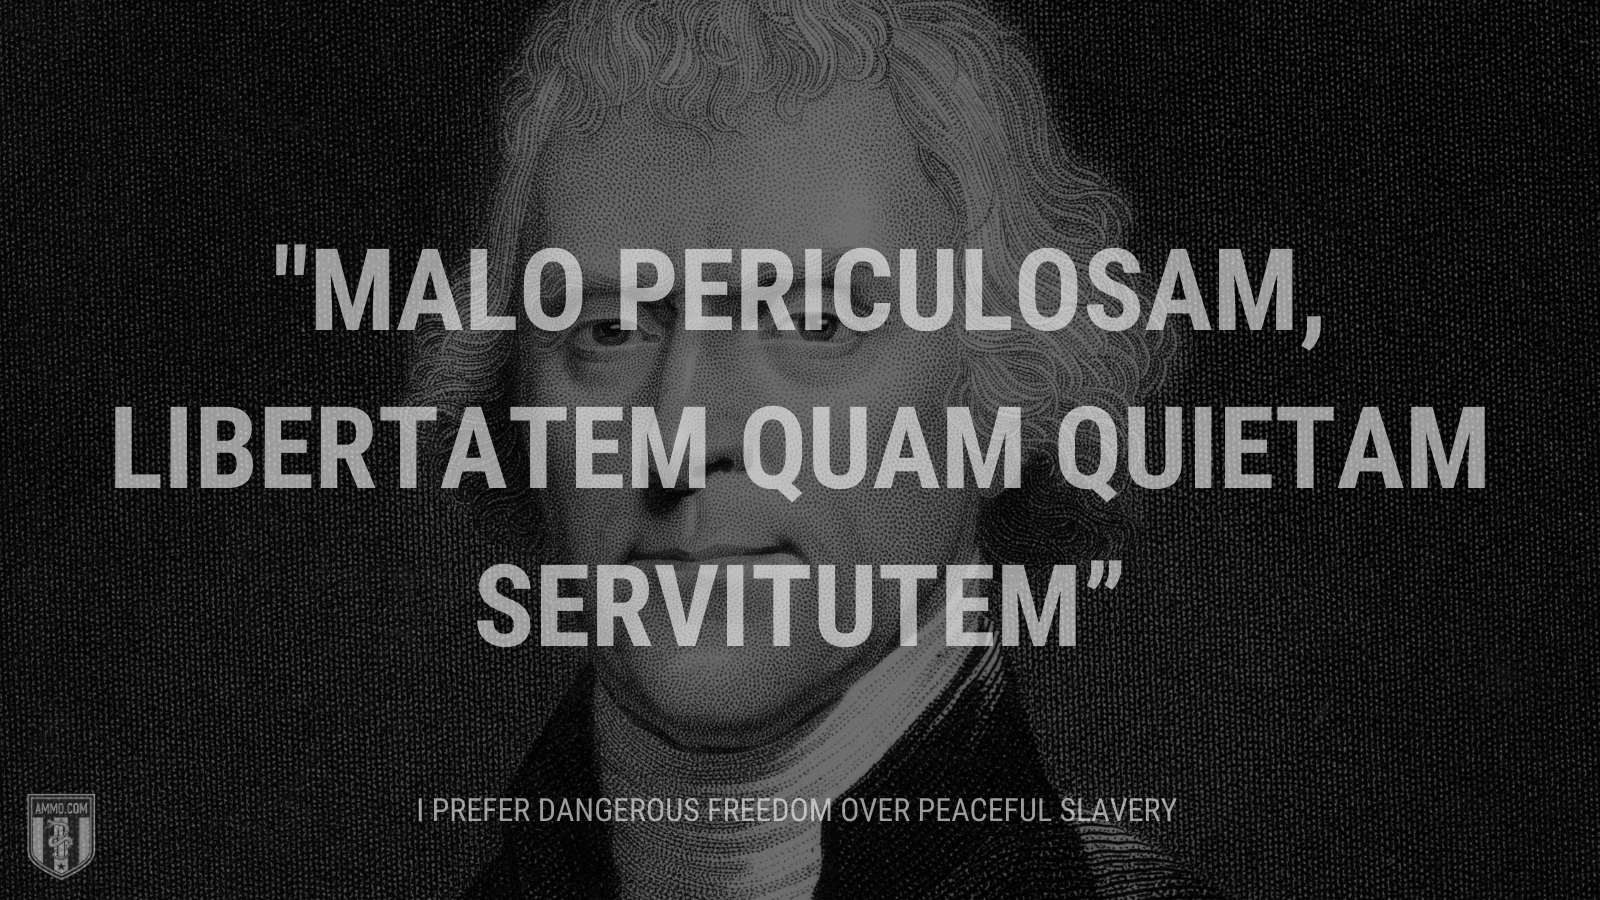 """""""Malo periculosam, libertatem quam quietam servitutem"""" - I prefer dangerous freedom over peaceful slavery"""